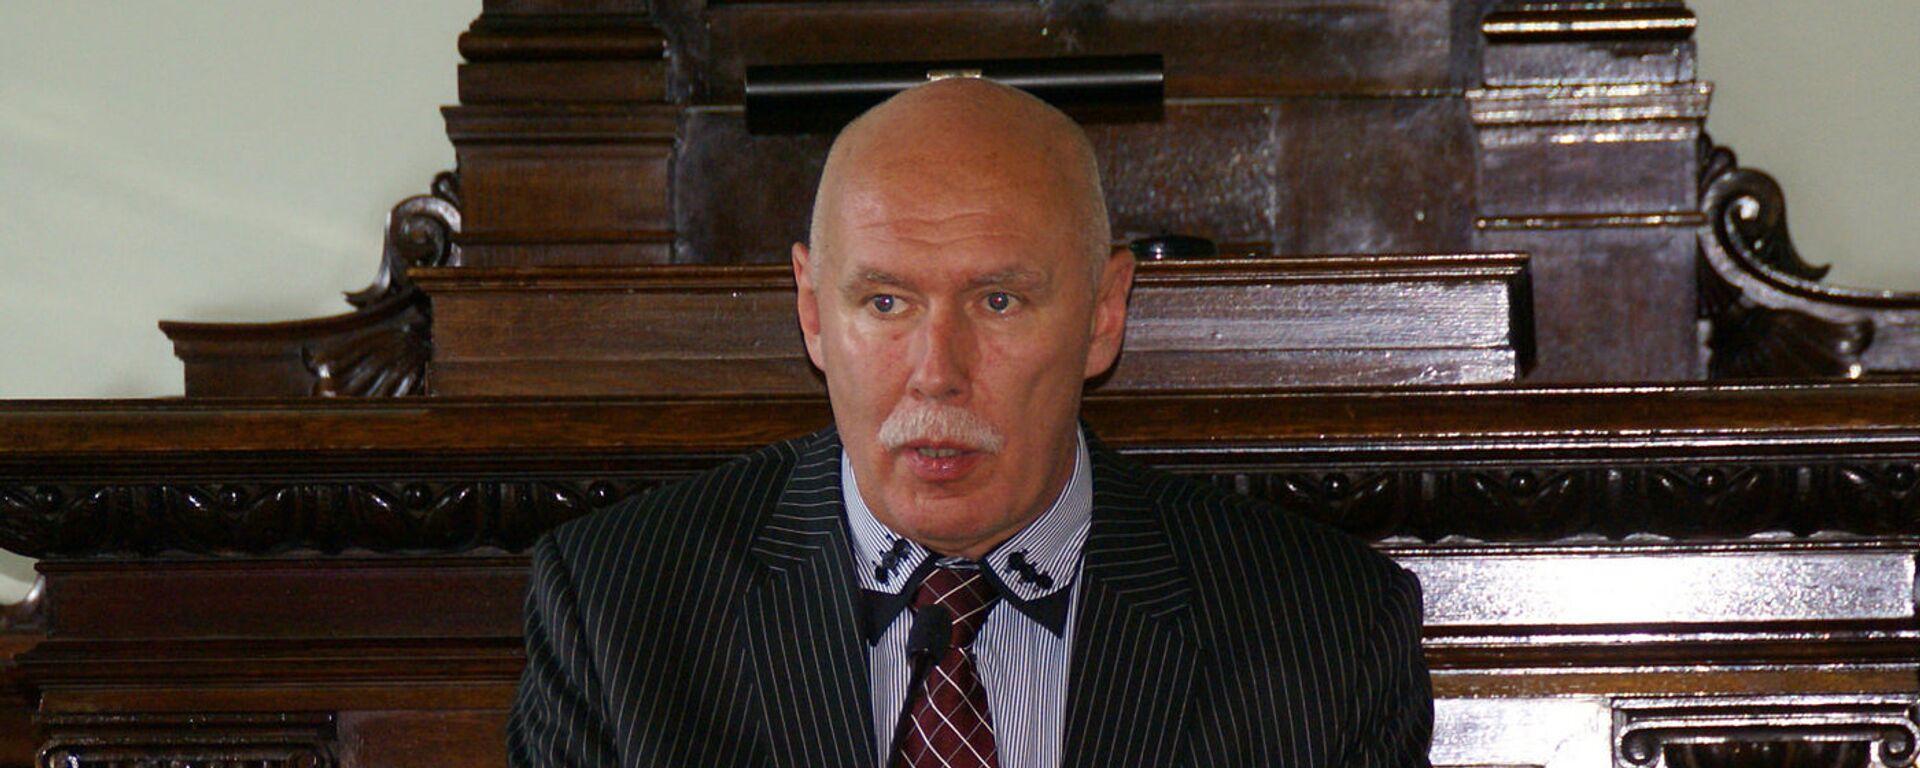 Петерис Апинис, экс-руководитель Латвийского общества врачей, главный редактор журнала Латвийский врач - Sputnik Латвия, 1920, 27.05.2020